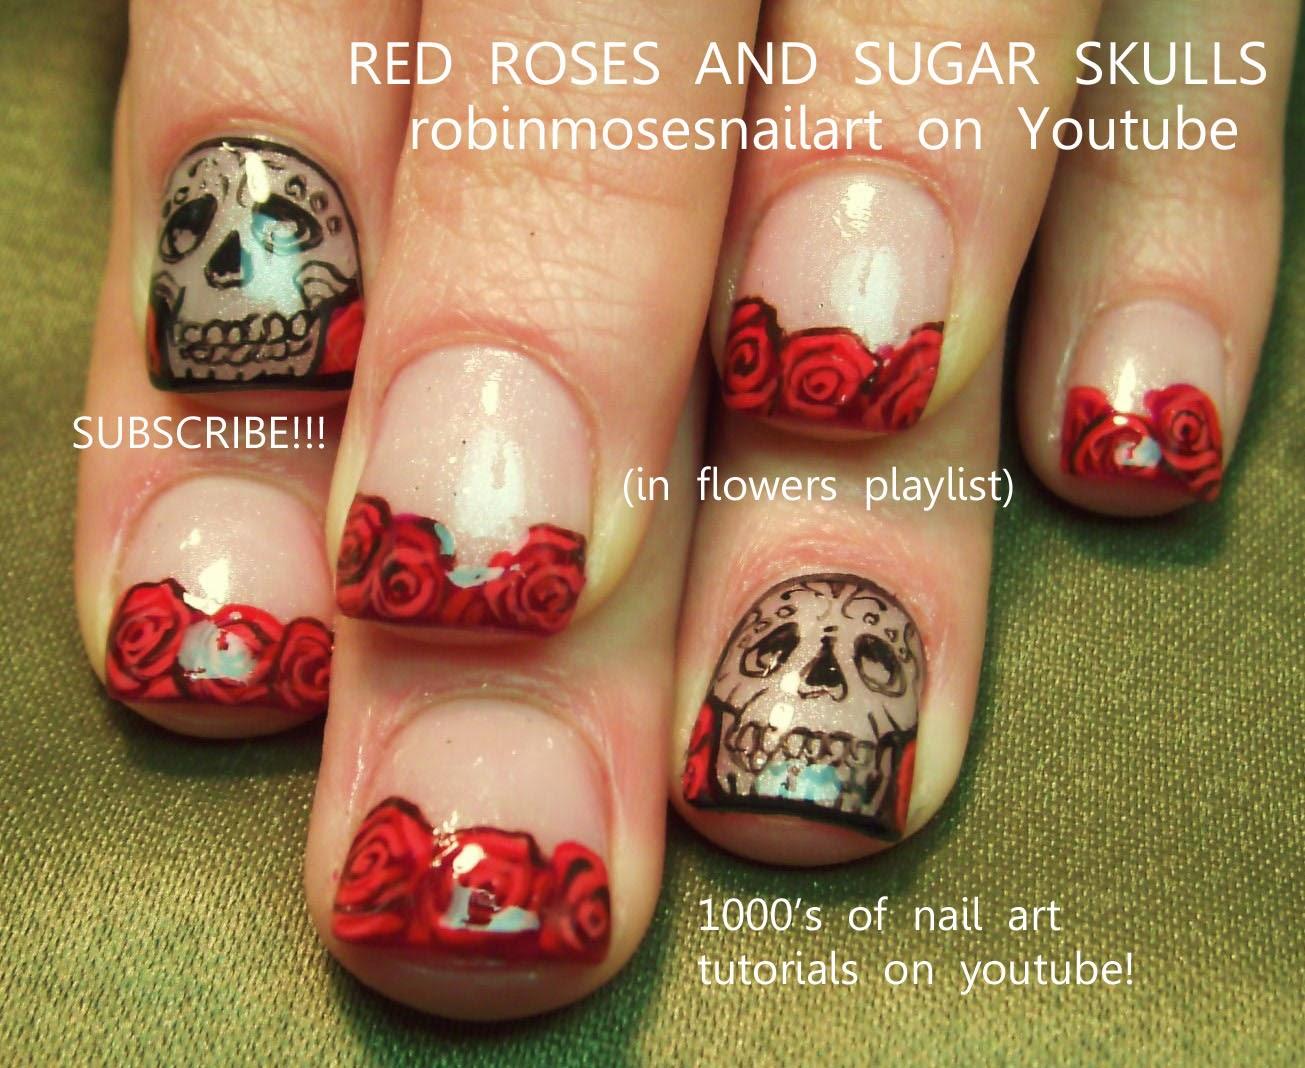 Sugarskull nails - Dead Girl Nail Art - Robin Moses Nail Art: